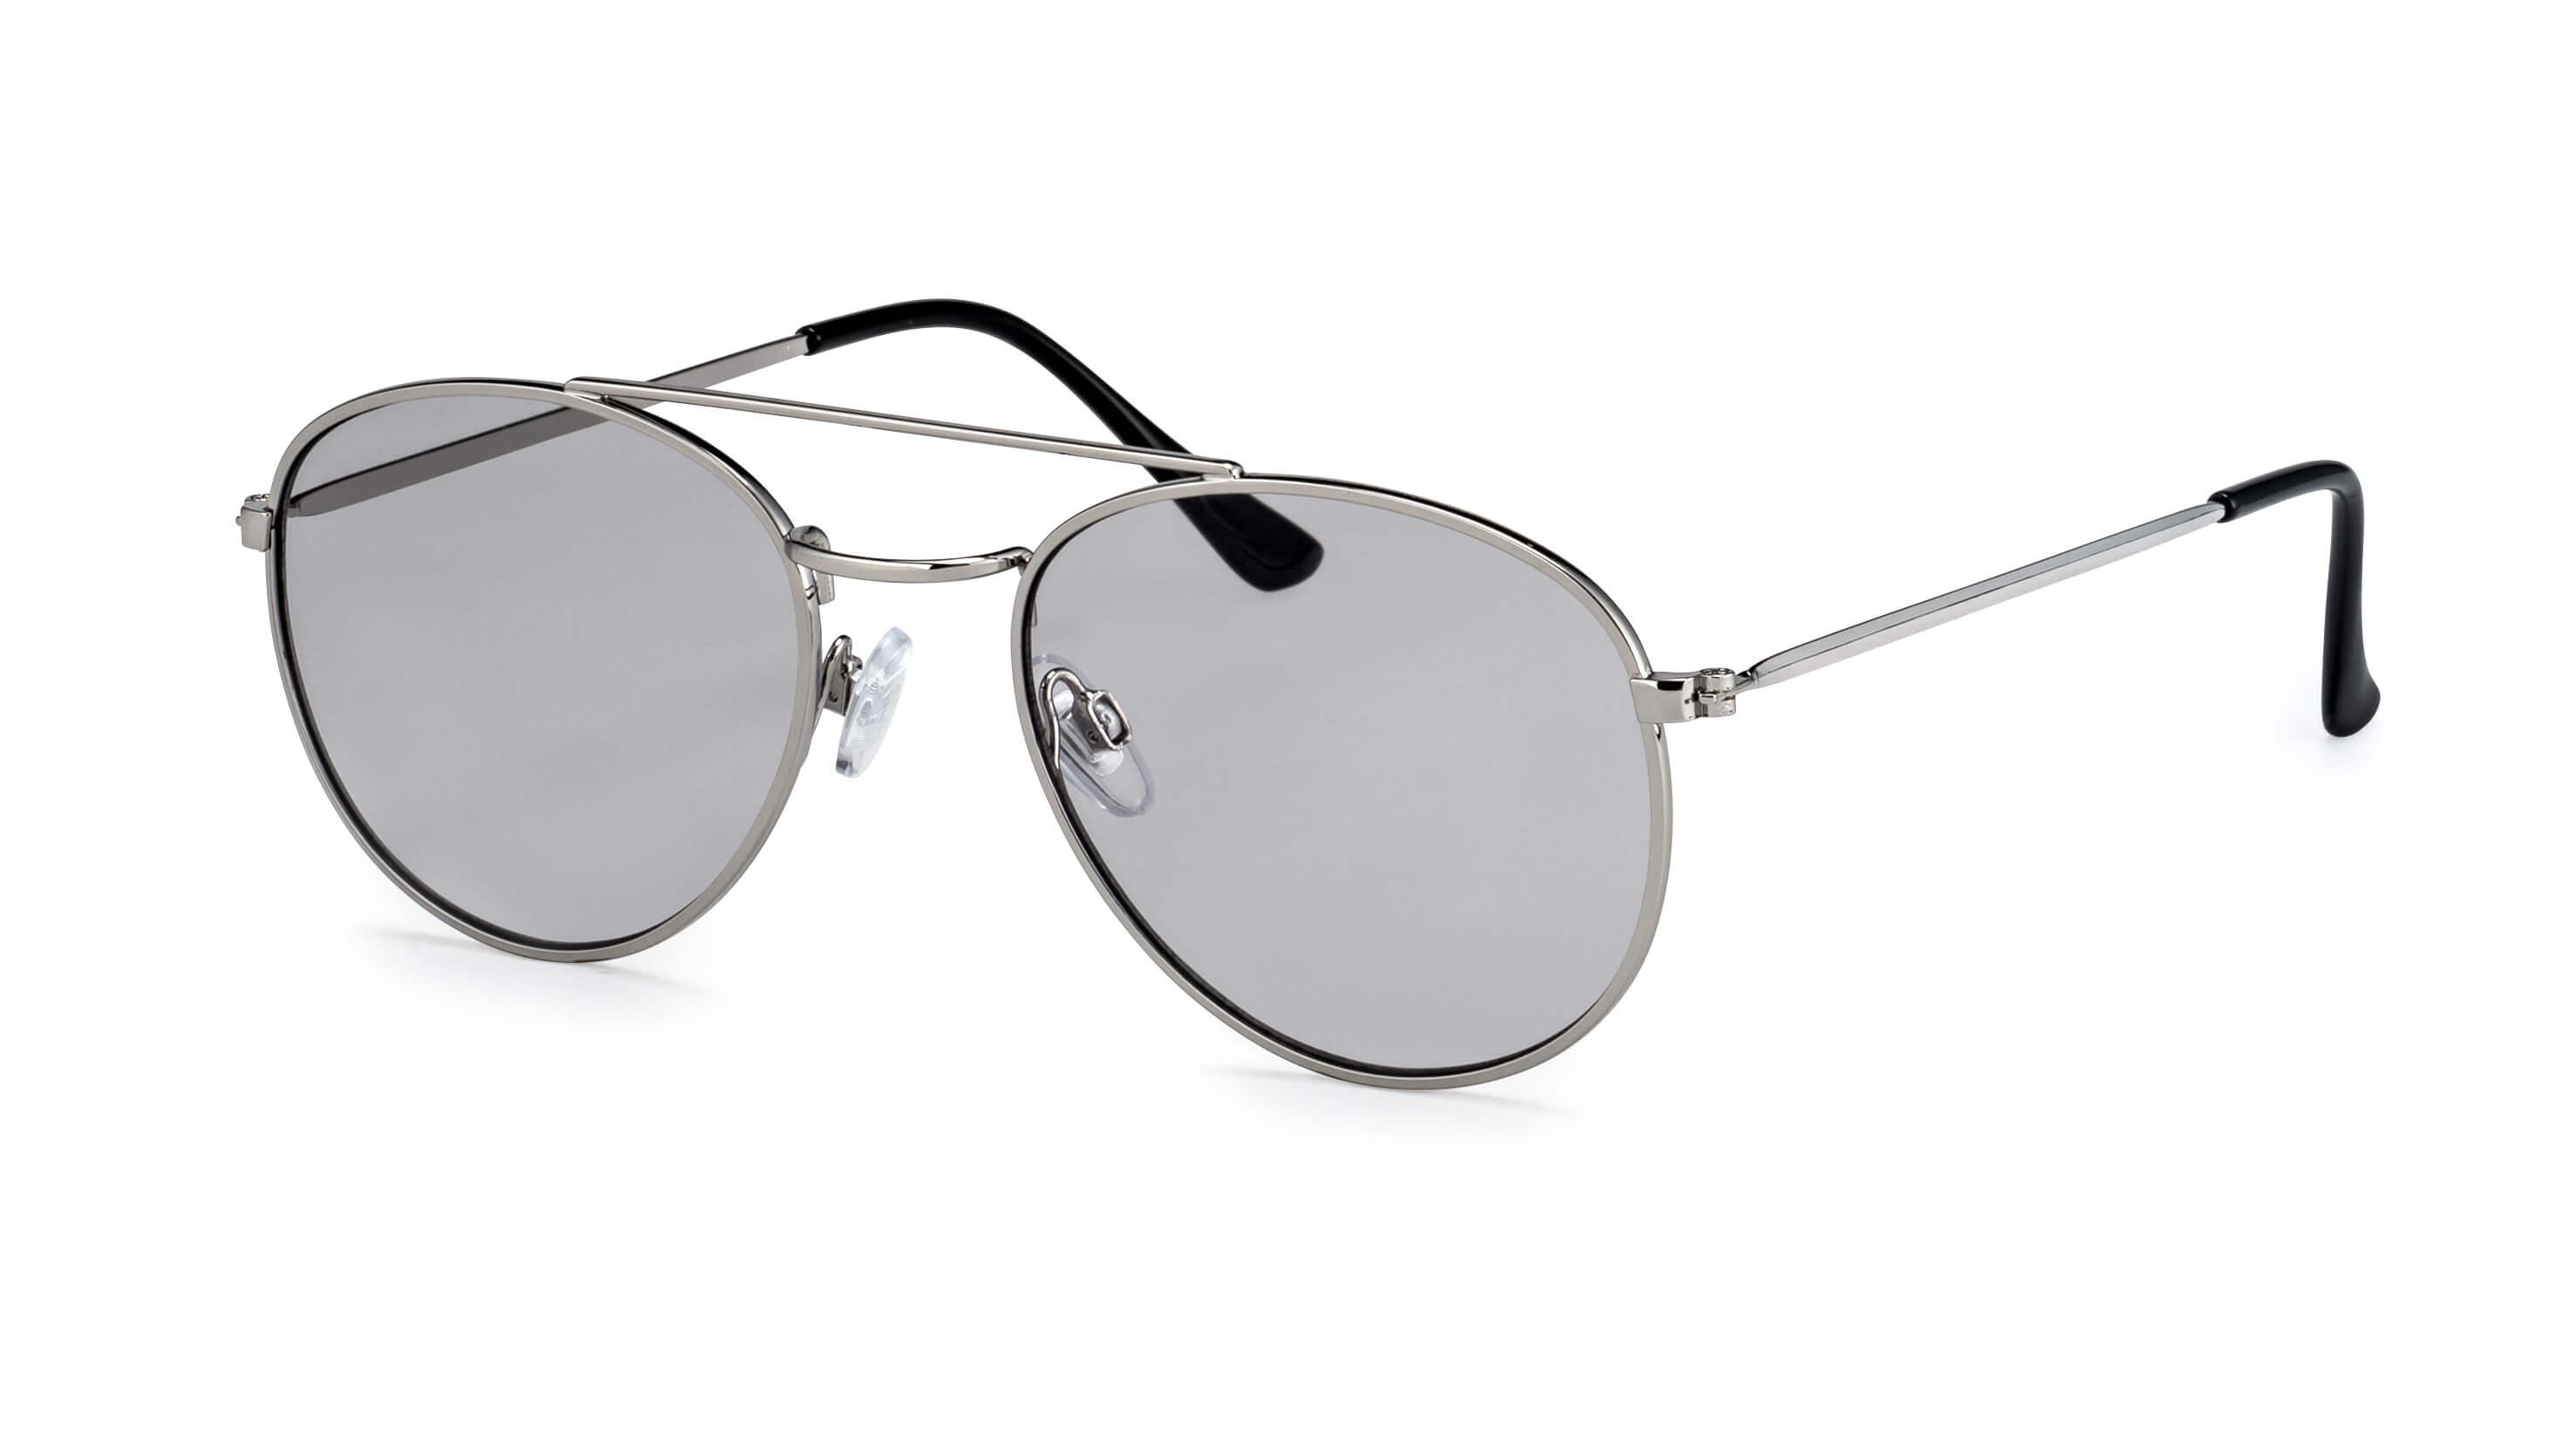 Katalogansicht Sonnenbrille F3000610